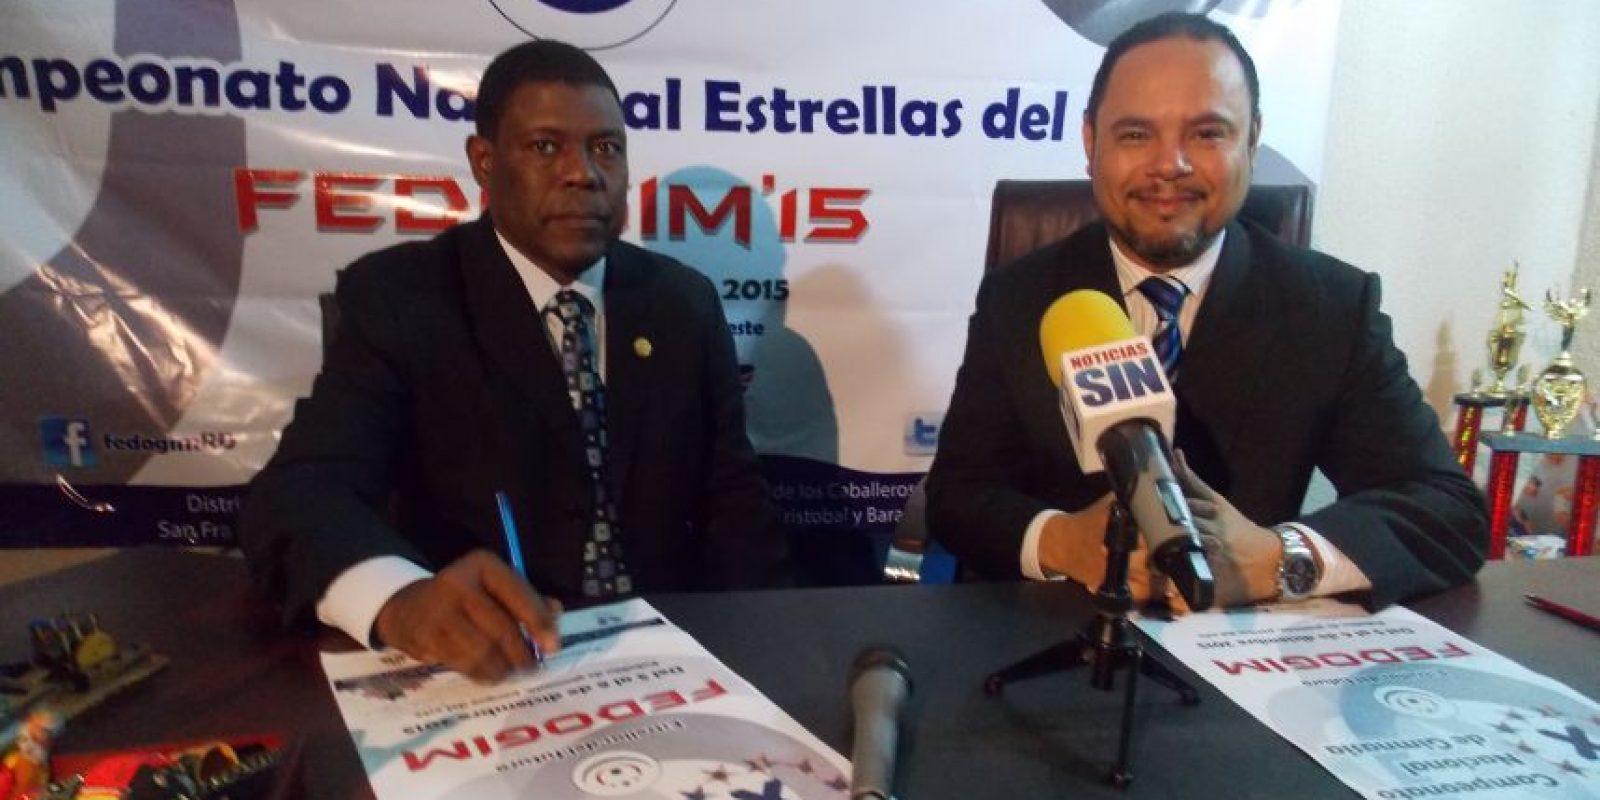 El profesor Fernando Whyte y el ingeniero Edwin Rodríguez, secretario general y presidente de la Fedogim, respectivamente, al ofrecer las informaciones sobre el torneo. Foto:Fuente Externa